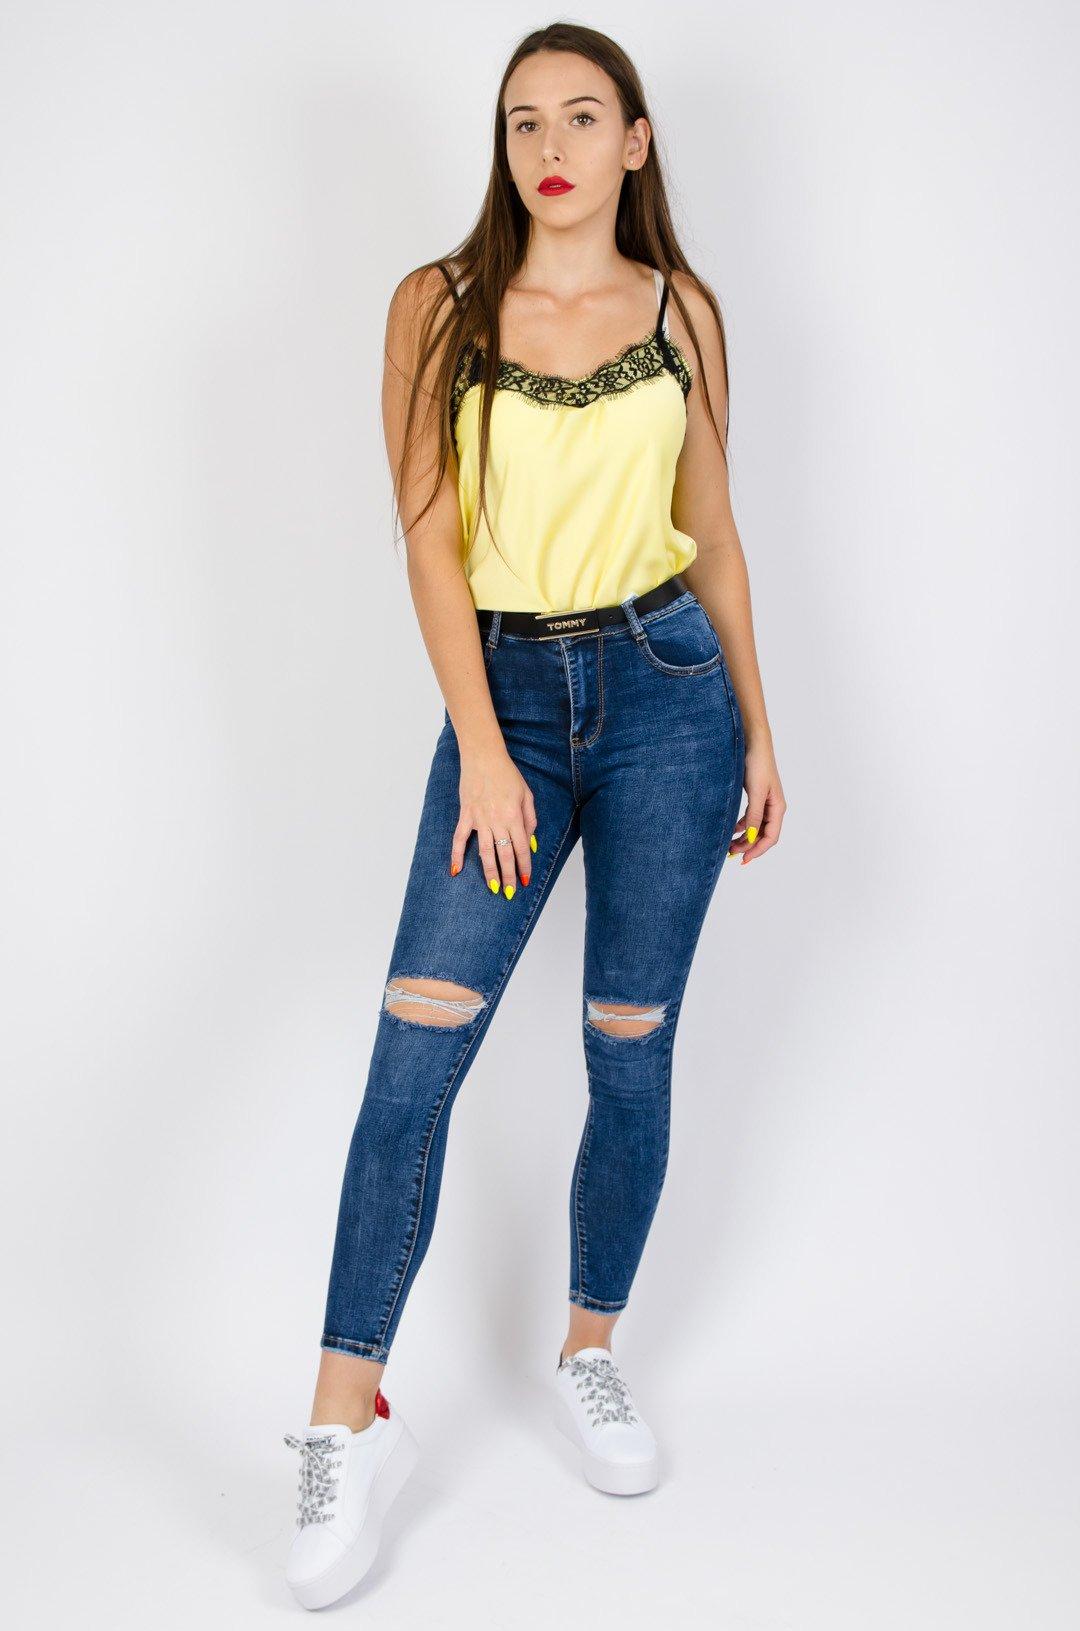 b4eac543368f4d Ciemne spodnie jeansowe z wysokim stanem oraz przetarciami na kolanach    NOWOŚCI KOLEKCJA \ Spodnie \ Spodnie jeansowe - Olika